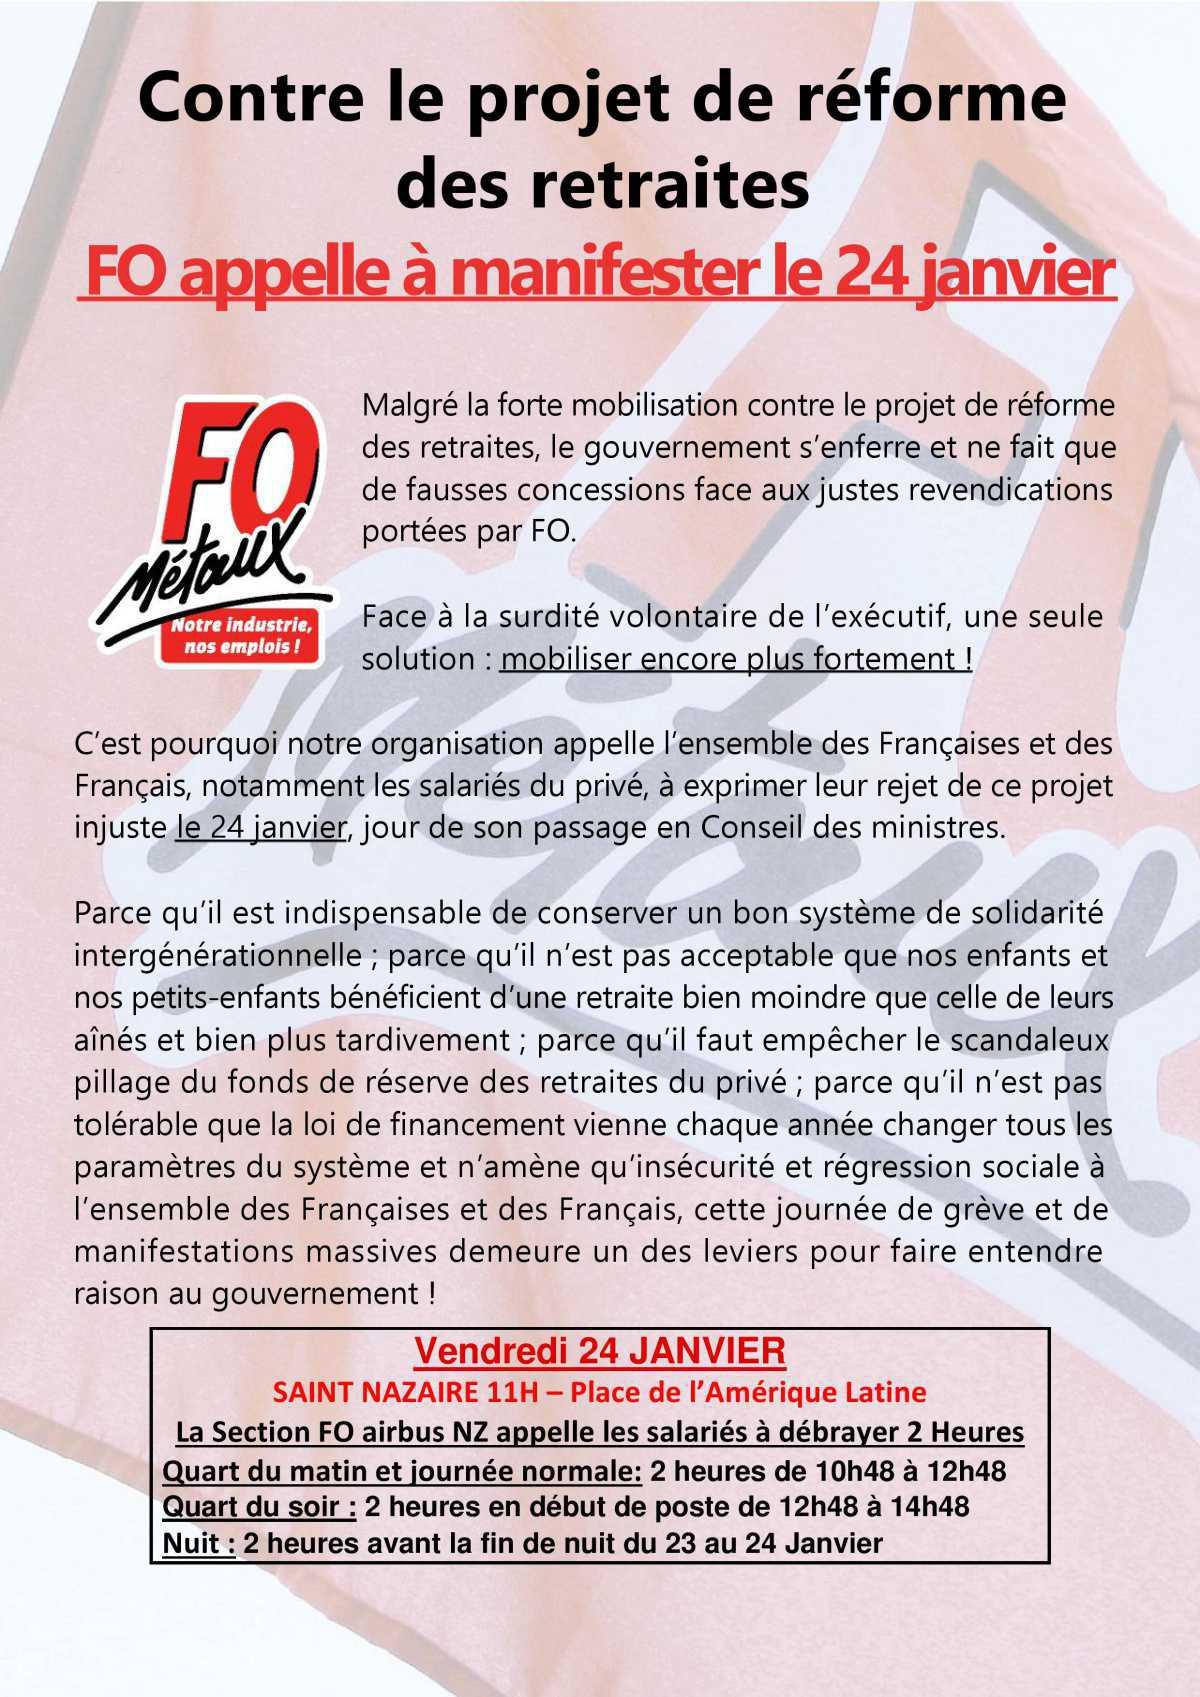 FO appelle à manifester le 24 Janvier